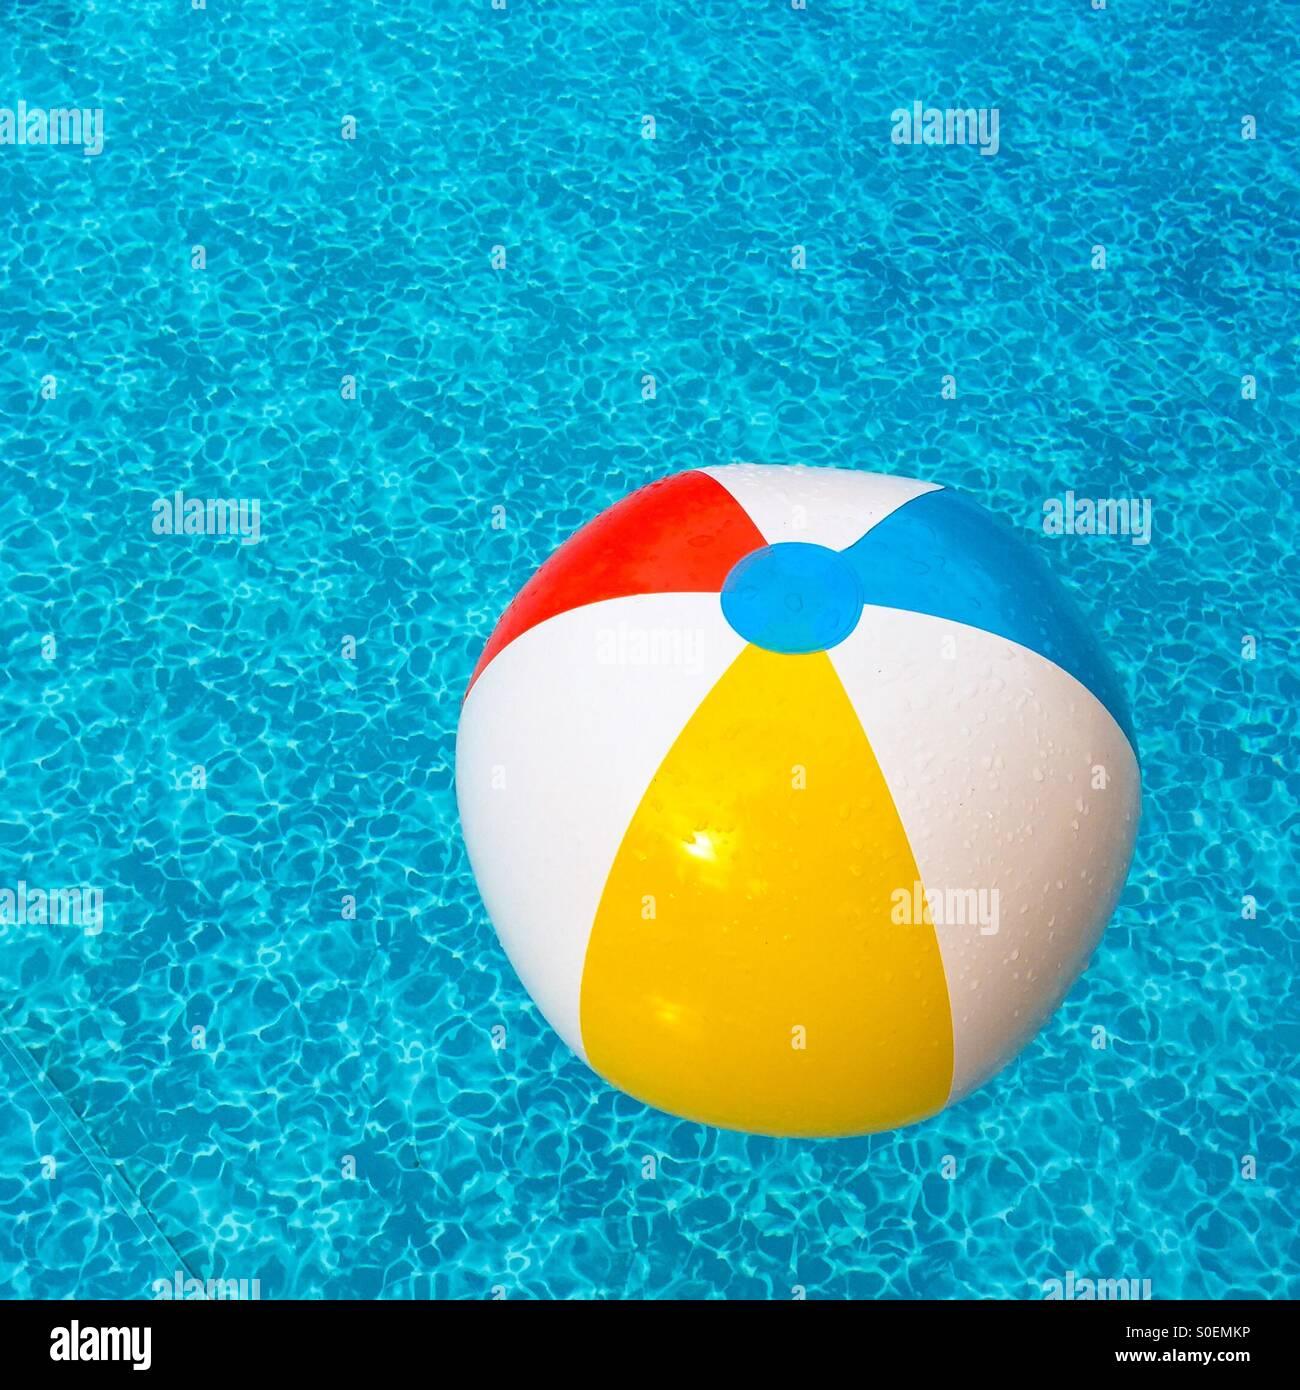 Balón de playa, en la piscina al aire libre. (Lado amarillo dominante). Imagen De Stock